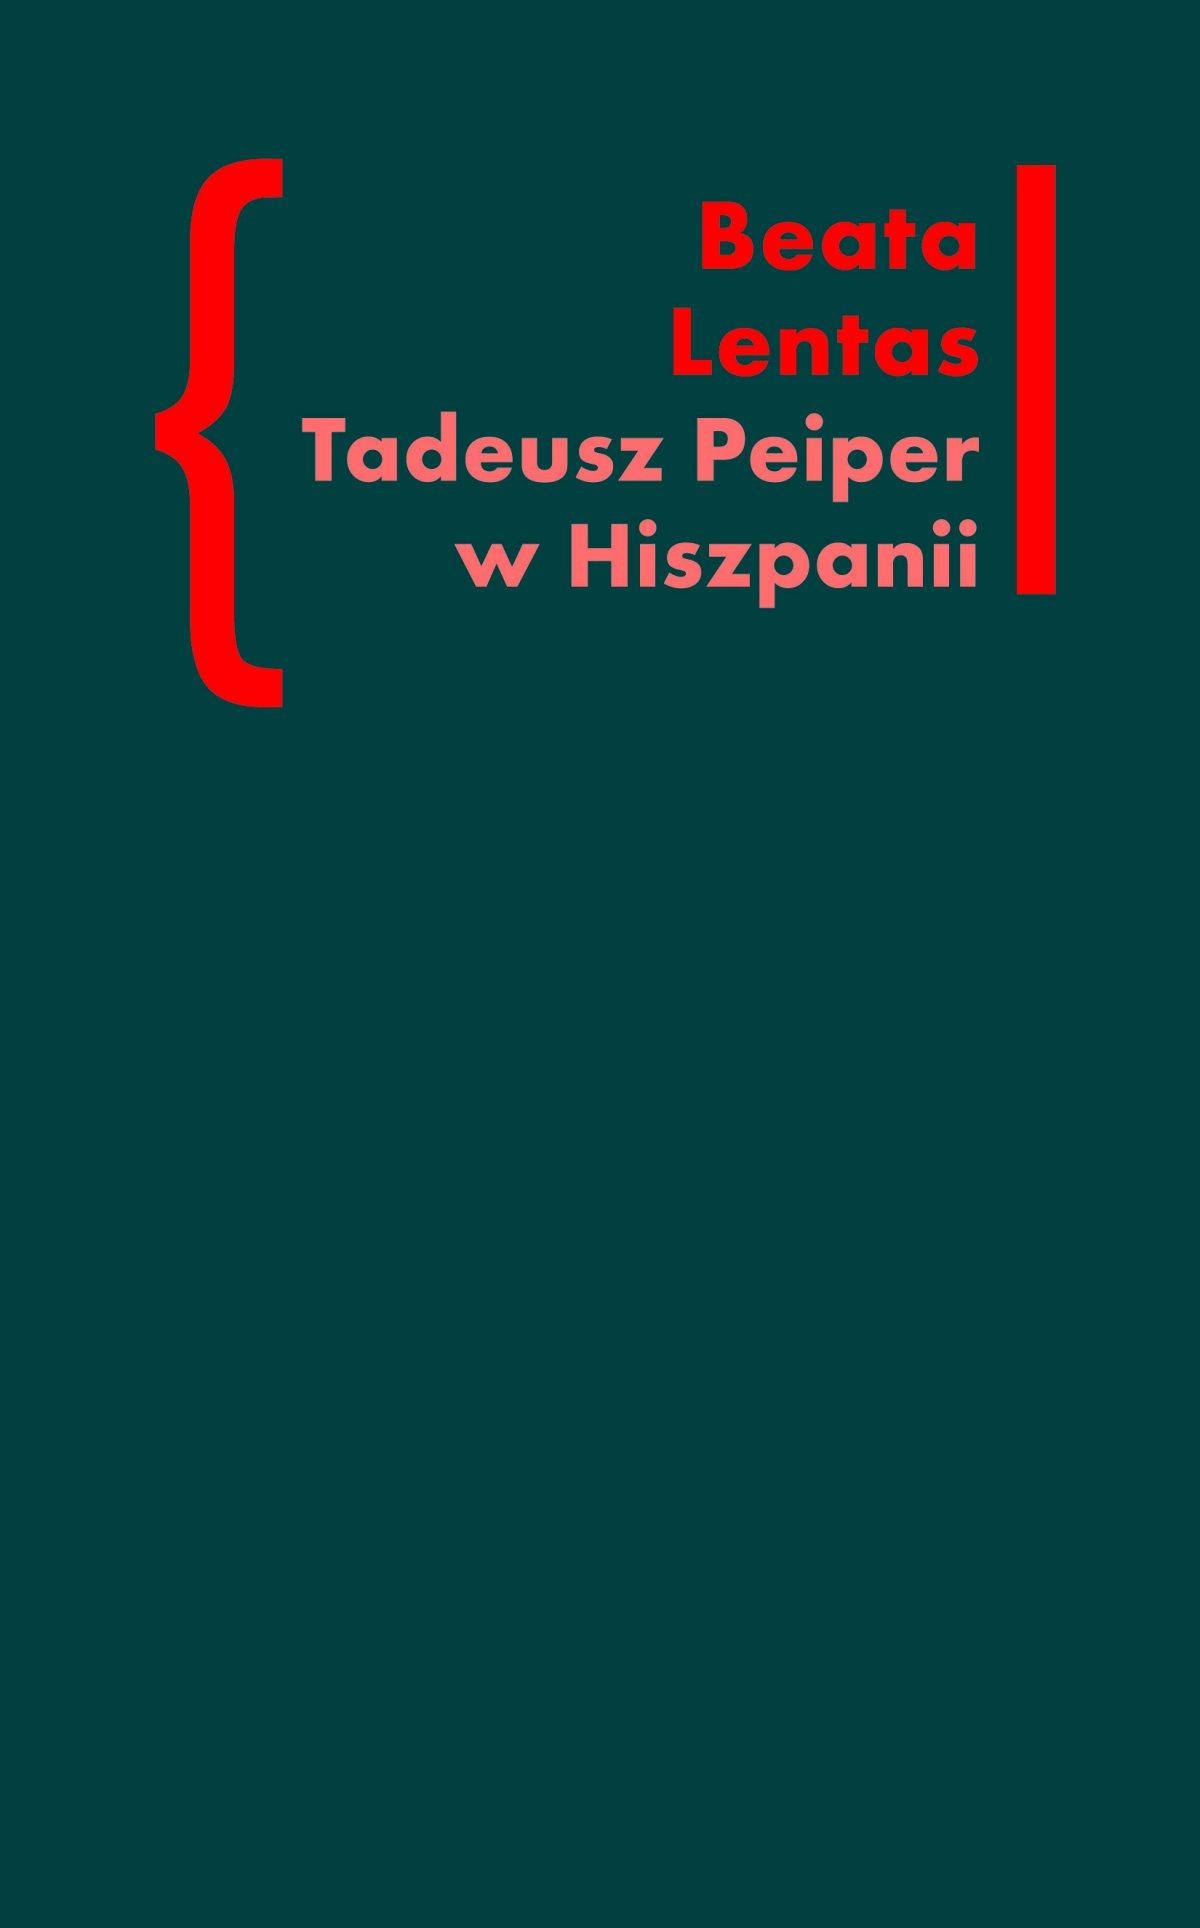 Tadeusz Peiper w Hiszpanii - Ebook (Książka na Kindle) do pobrania w formacie MOBI